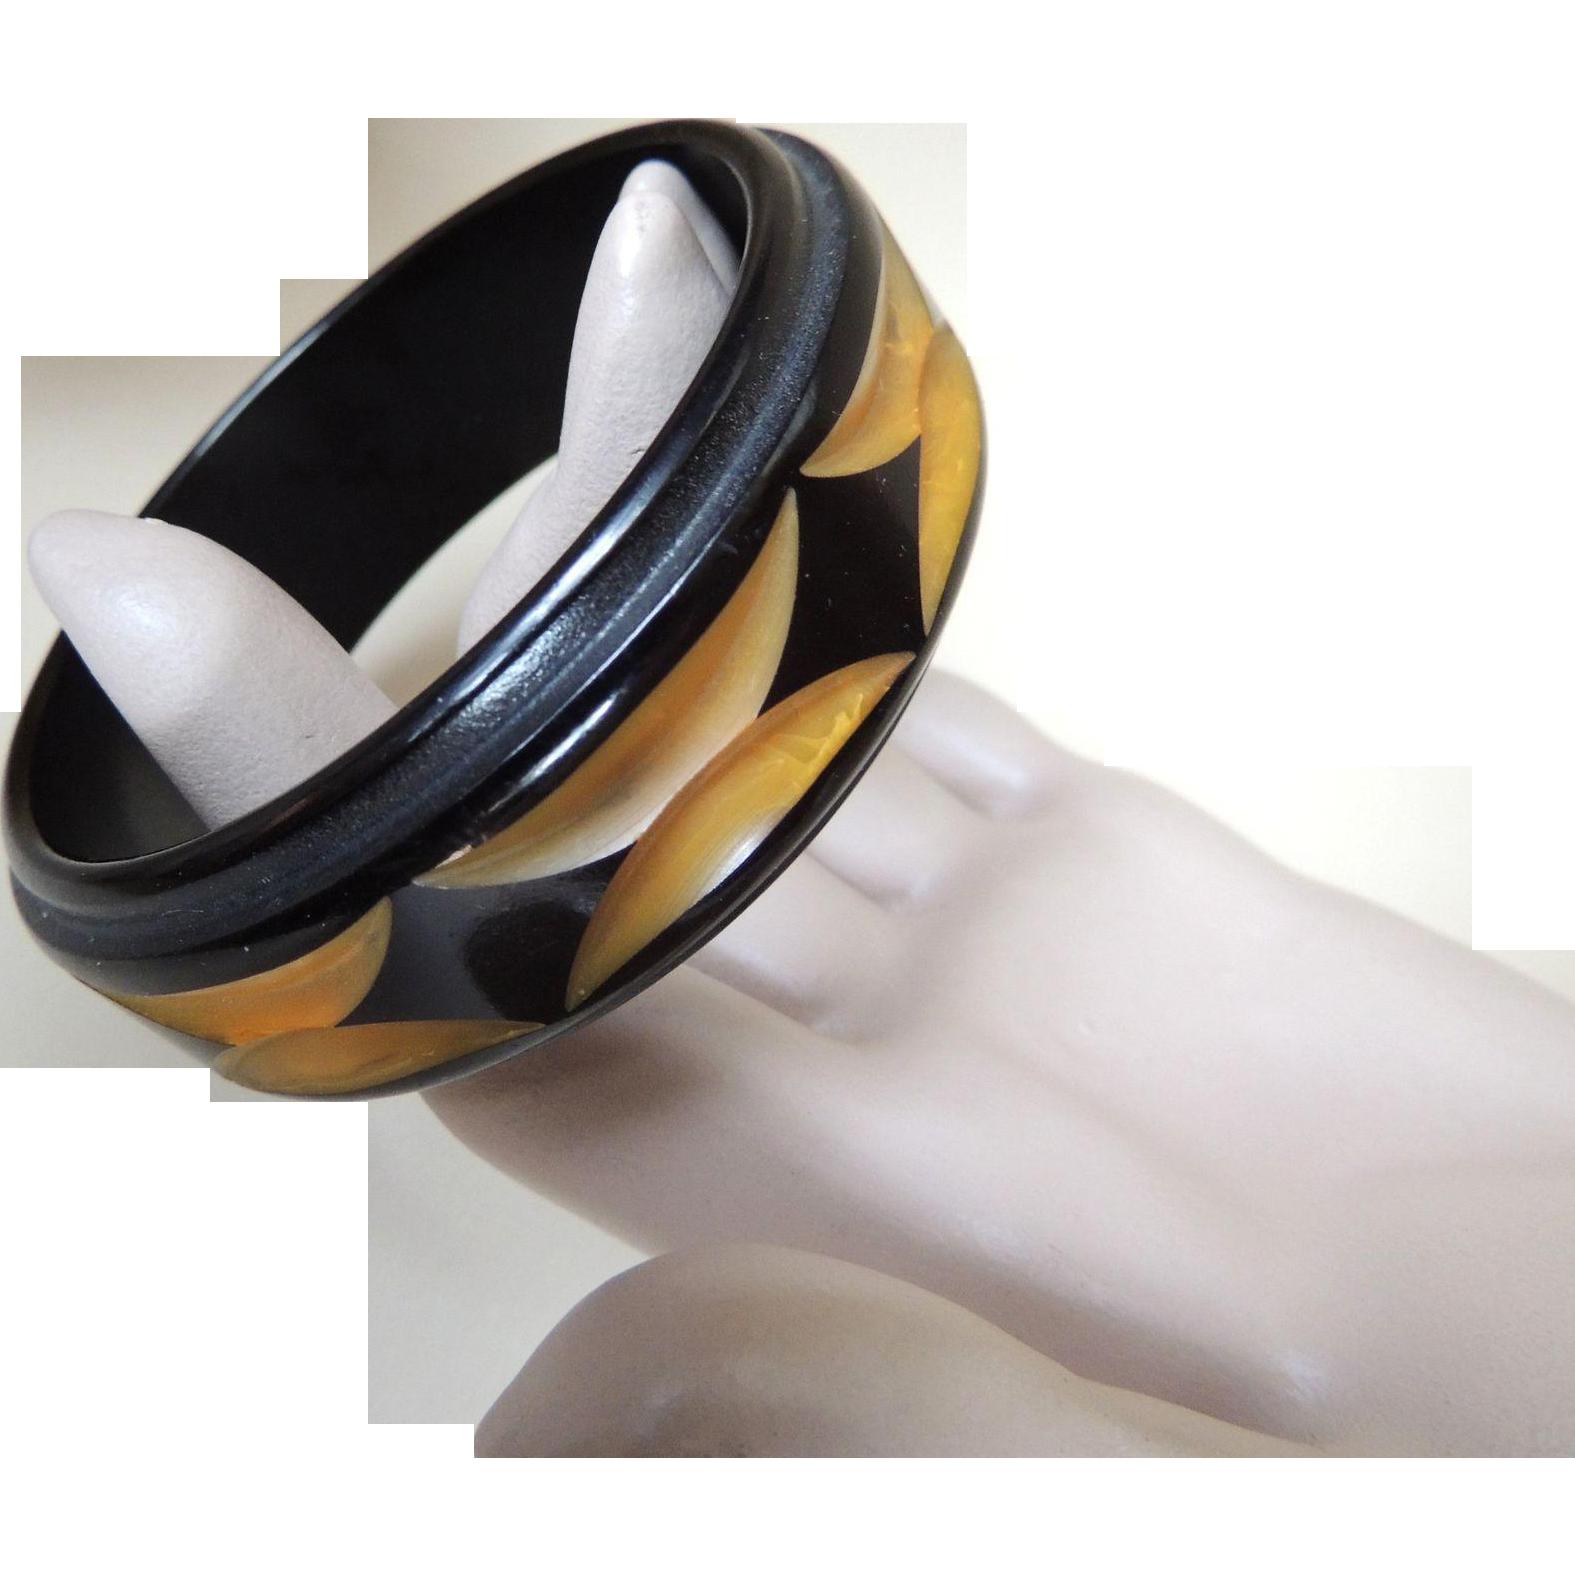 Bakelite Bracelet Carved Resin Washed Designer DVF c1970's